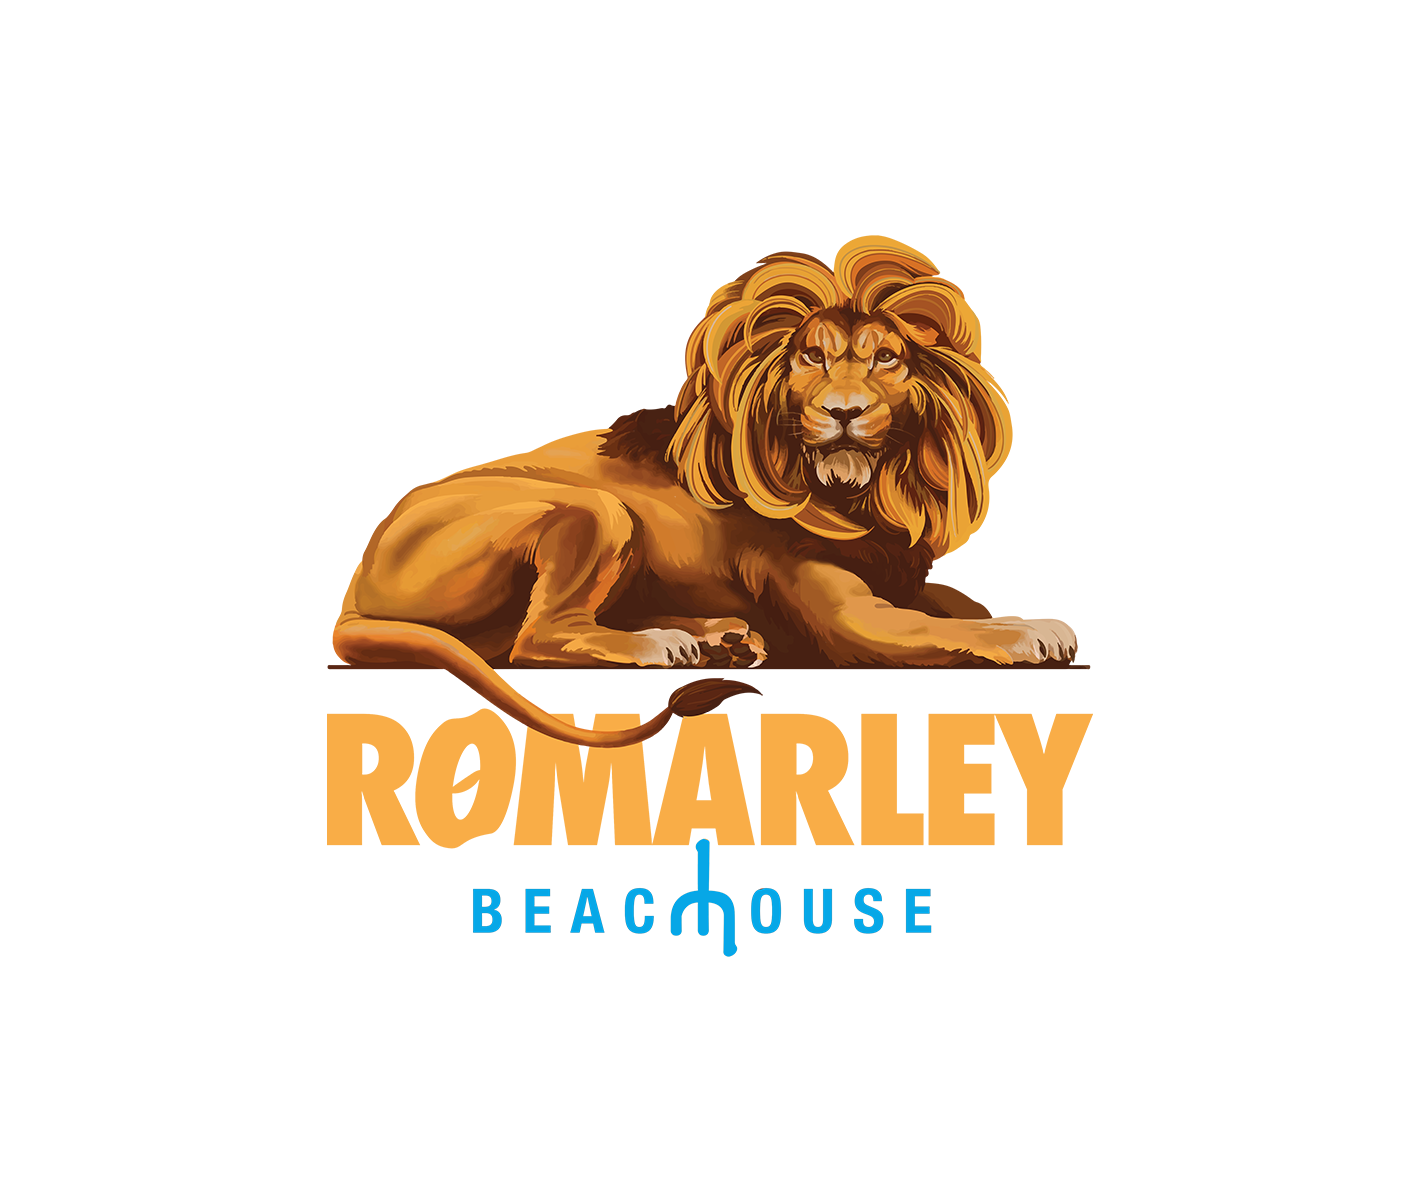 Romarley beach house